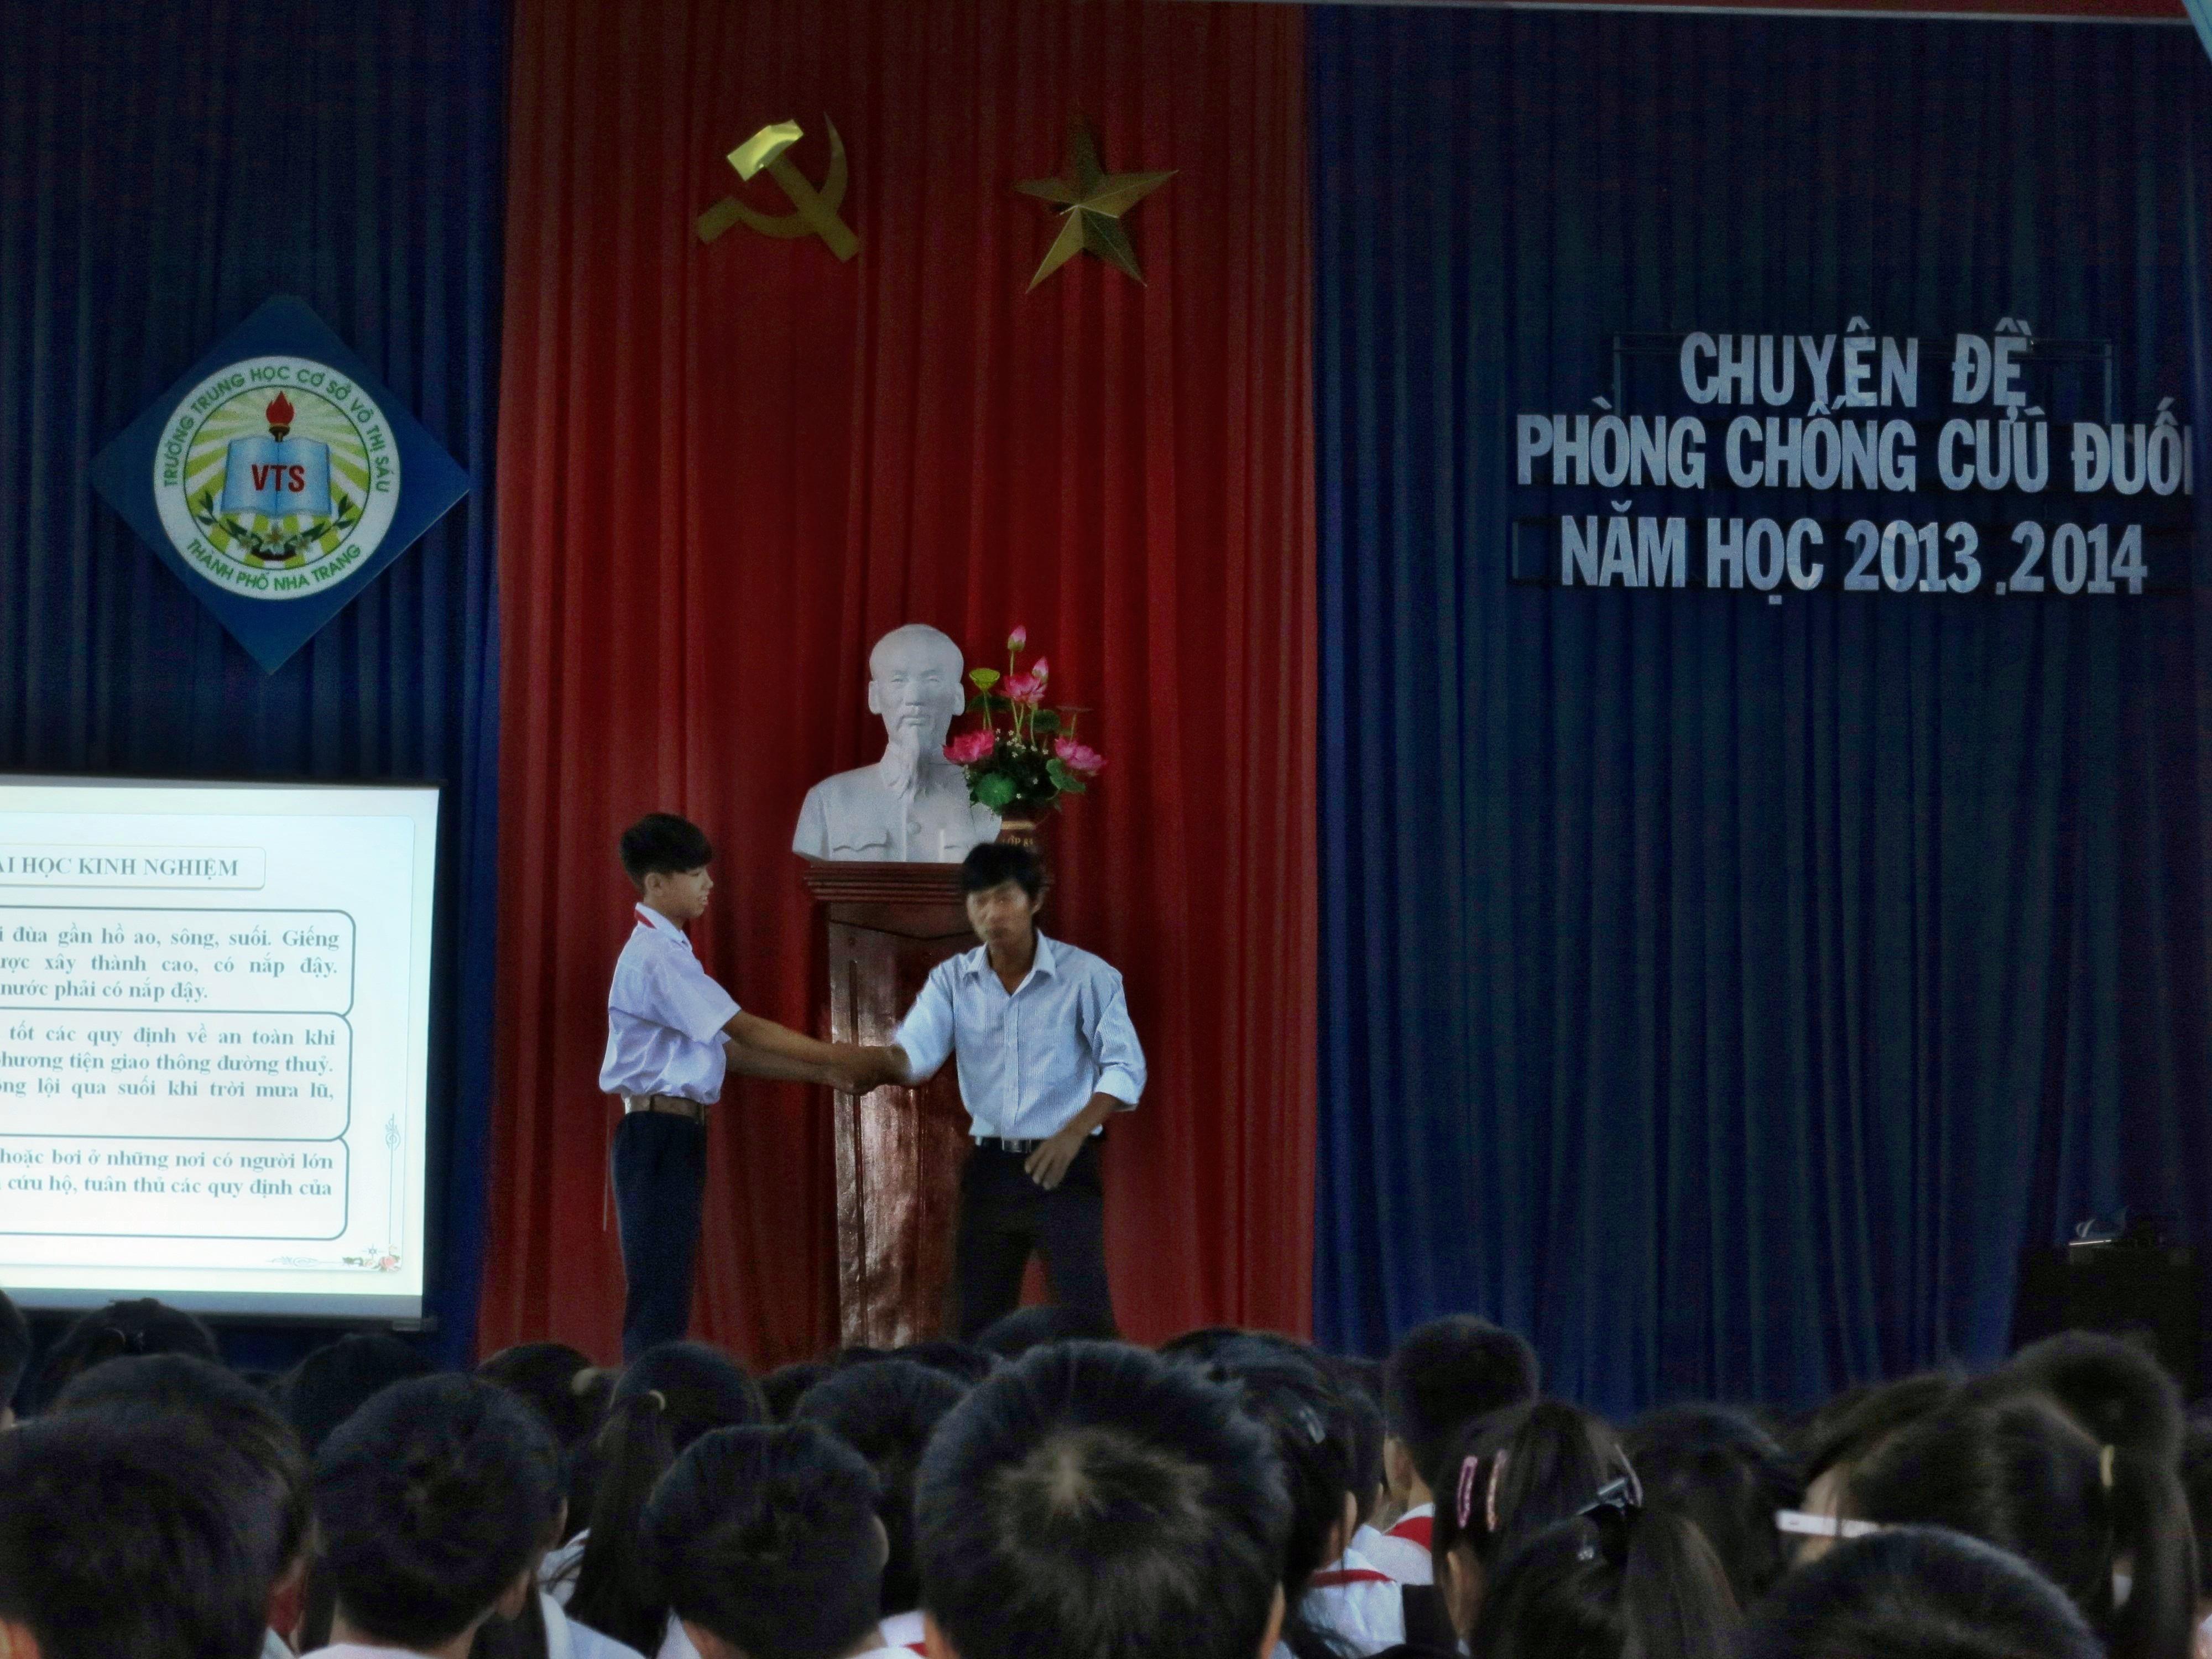 Chuyên đề phòng, chống cứu đuối cho học sinh THCS năm học 2013 - 2014